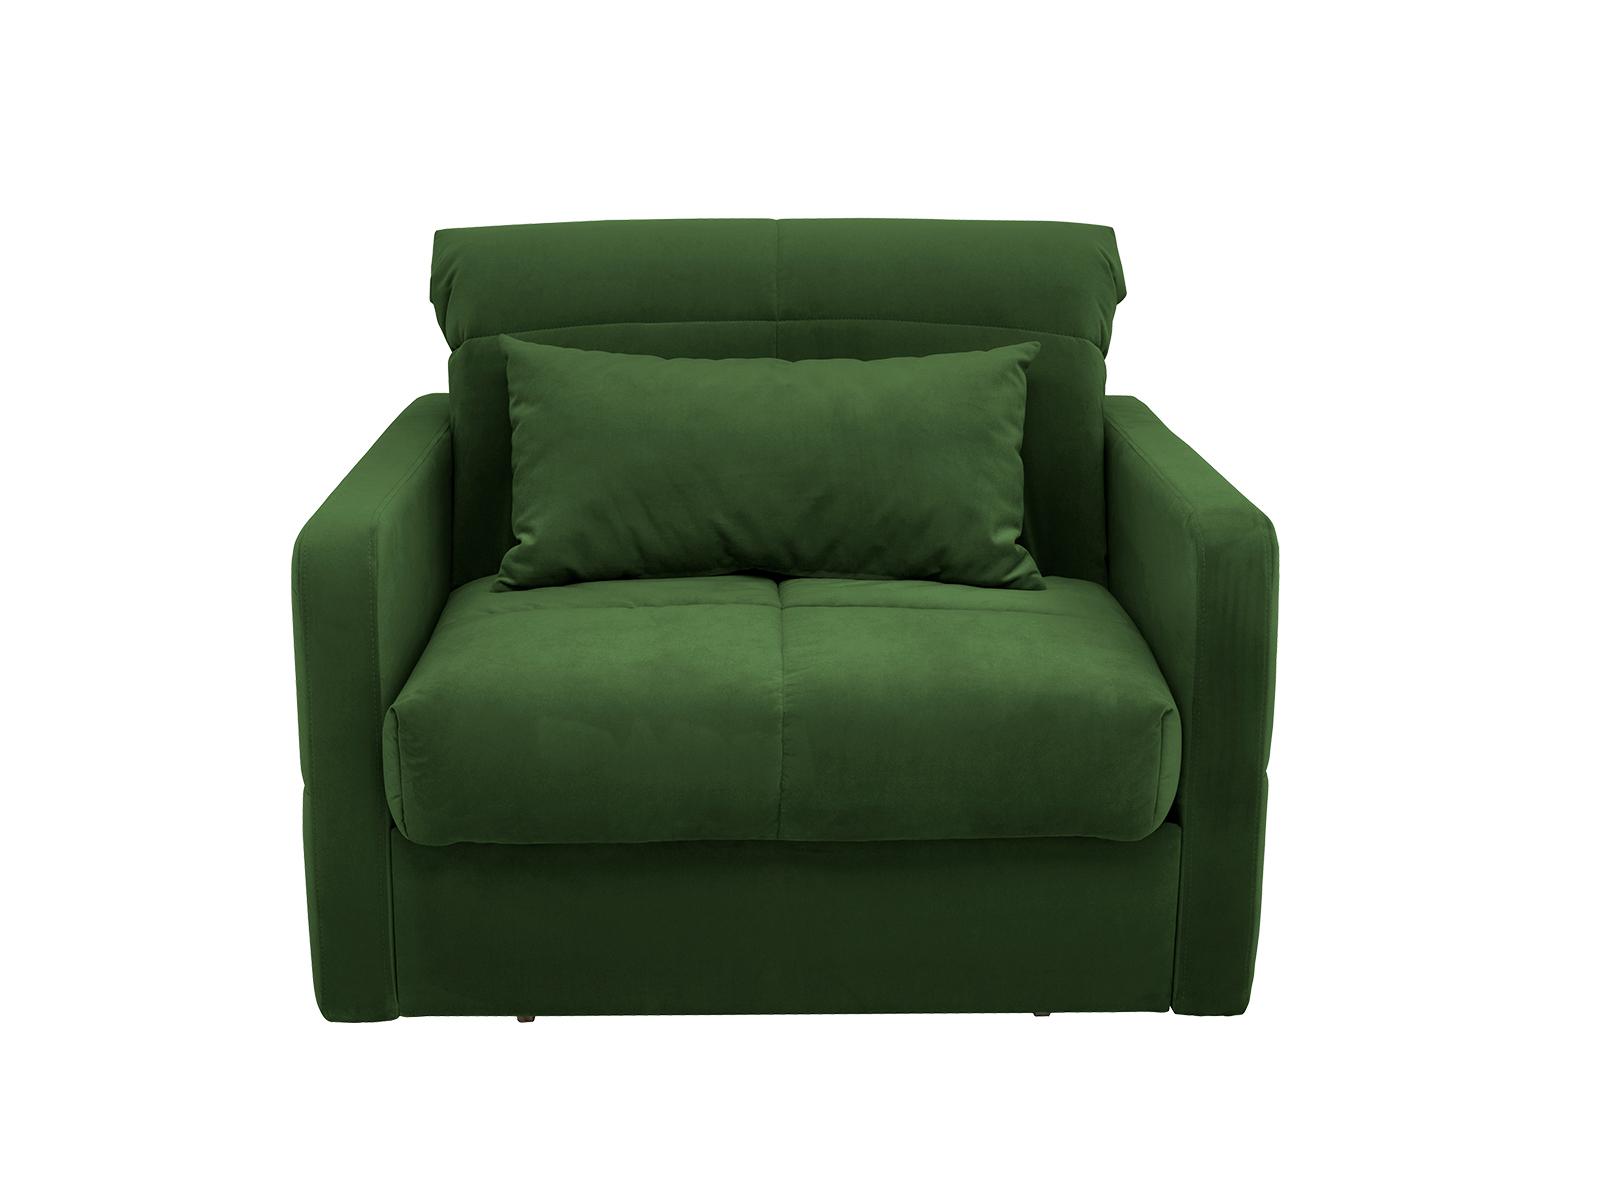 Кресло ColorКресла-кровати<br>Кресло-кровать. Чехол сиденья/спинки - съемный, лицевые чехлы подлокотников - несъемные.&amp;lt;div&amp;gt;&amp;lt;br&amp;gt;&amp;lt;/div&amp;gt;&amp;lt;div&amp;gt;&amp;lt;div&amp;gt;&amp;lt;div&amp;gt;Материалы:&amp;lt;/div&amp;gt;&amp;lt;div&amp;gt;&amp;lt;div&amp;gt;Каркас: деревянный брус, фанера, ПСП (МДФ), металл&amp;lt;/div&amp;gt;&amp;lt;div&amp;gt;Мягкие элементы подлокотников: пенополиуретан, синтепон&amp;lt;/div&amp;gt;&amp;lt;div&amp;gt;Матрас: пенополиуретан, синтепон (толщина матраса 100мм)&amp;lt;/div&amp;gt;&amp;lt;div&amp;gt;Мягкие элементы чехла: холлофайбер, спанбонд&amp;lt;/div&amp;gt;&amp;lt;div&amp;gt;Обивка: 100% полиэстер&amp;lt;/div&amp;gt;&amp;lt;/div&amp;gt;&amp;lt;/div&amp;gt;&amp;lt;div&amp;gt;Механизм трансформации: Аккордеон.&amp;lt;br&amp;gt;&amp;lt;/div&amp;gt;&amp;lt;div&amp;gt;&amp;lt;br&amp;gt;&amp;lt;/div&amp;gt;&amp;lt;div&amp;gt;&amp;lt;div&amp;gt;Ширина сиденья: 84 cм&amp;lt;/div&amp;gt;&amp;lt;div&amp;gt;Глубина сиденья: 47 cм&amp;lt;/div&amp;gt;&amp;lt;div&amp;gt;Высота сиденья: 44 cм&amp;lt;/div&amp;gt;&amp;lt;/div&amp;gt;&amp;lt;div&amp;gt;Размер спального места: 204 х 84 см.&amp;lt;/div&amp;gt;&amp;lt;/div&amp;gt;<br><br>Material: Текстиль<br>Ширина см: 114<br>Высота см: 87<br>Глубина см: 110